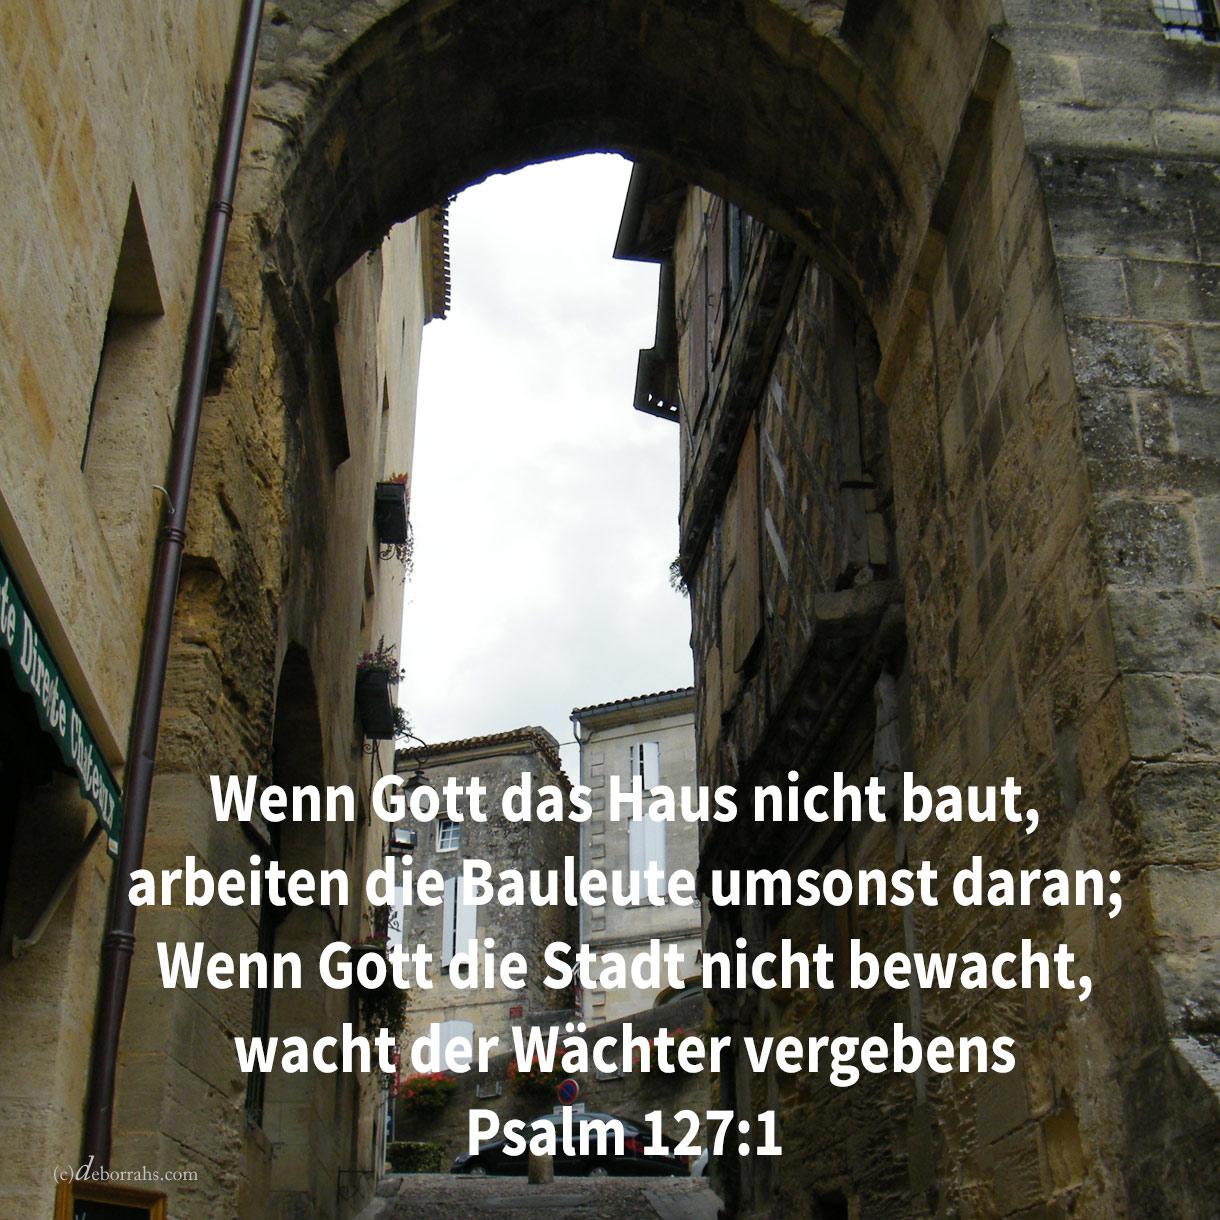 Wenn Jehova das Haus nicht baut, vergebens arbeiten daran die Bauleute; wenn Jehova die Stadt nicht bewacht, vergebens wacht der Wächter ( Psalm 127,1 )